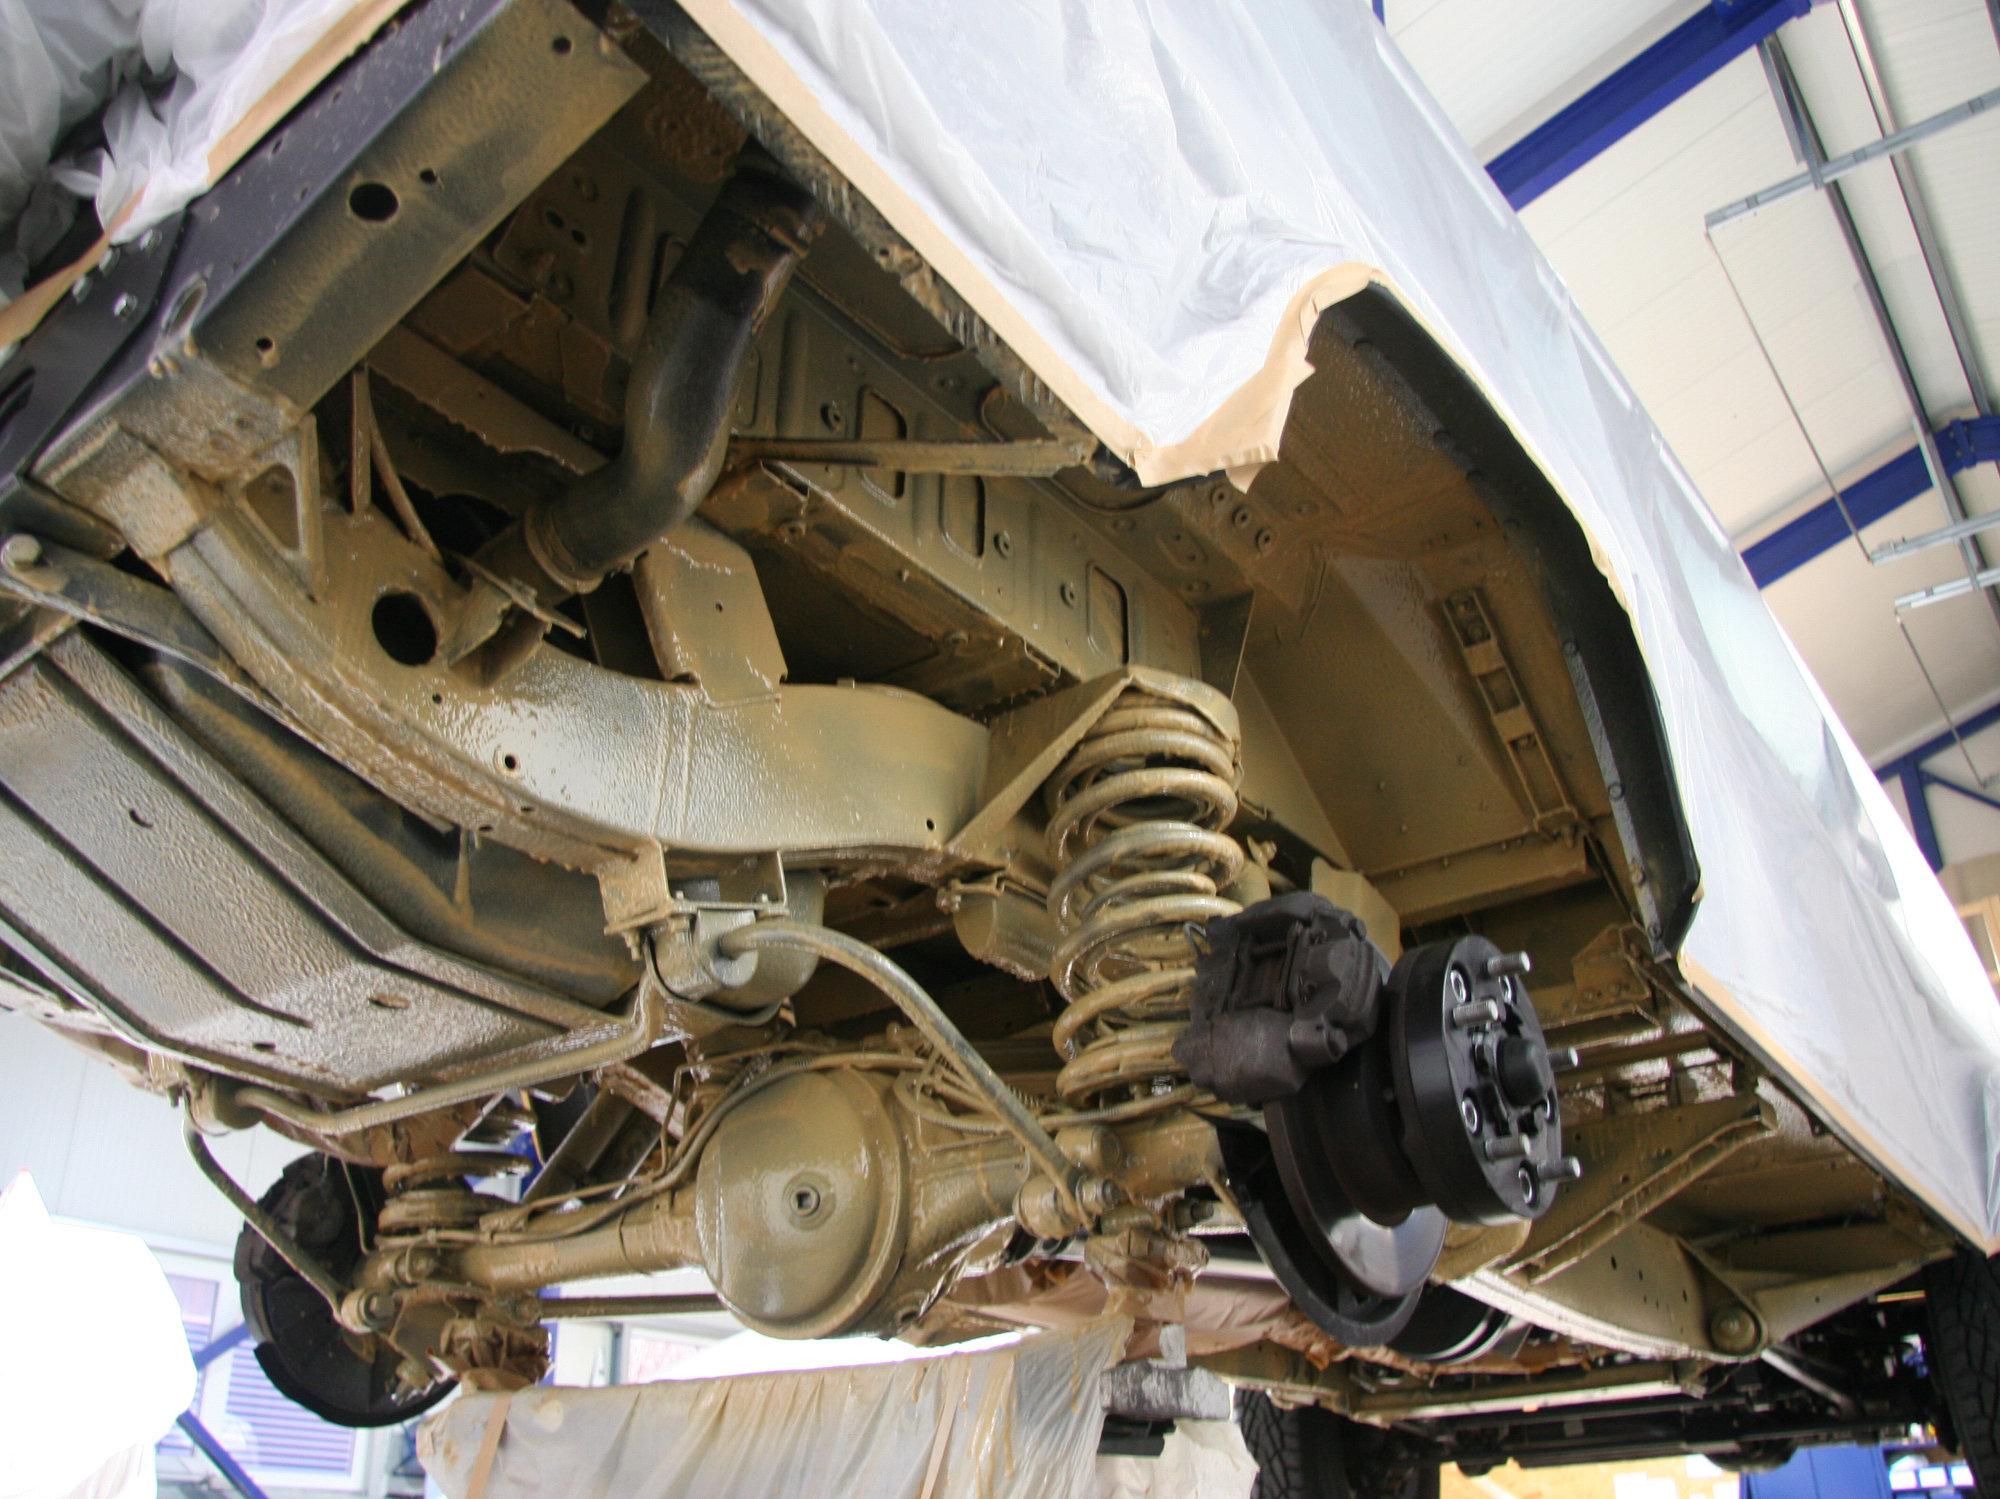 Hohlraumversiegelung und Unterbodenschutz am Land Rover Defender